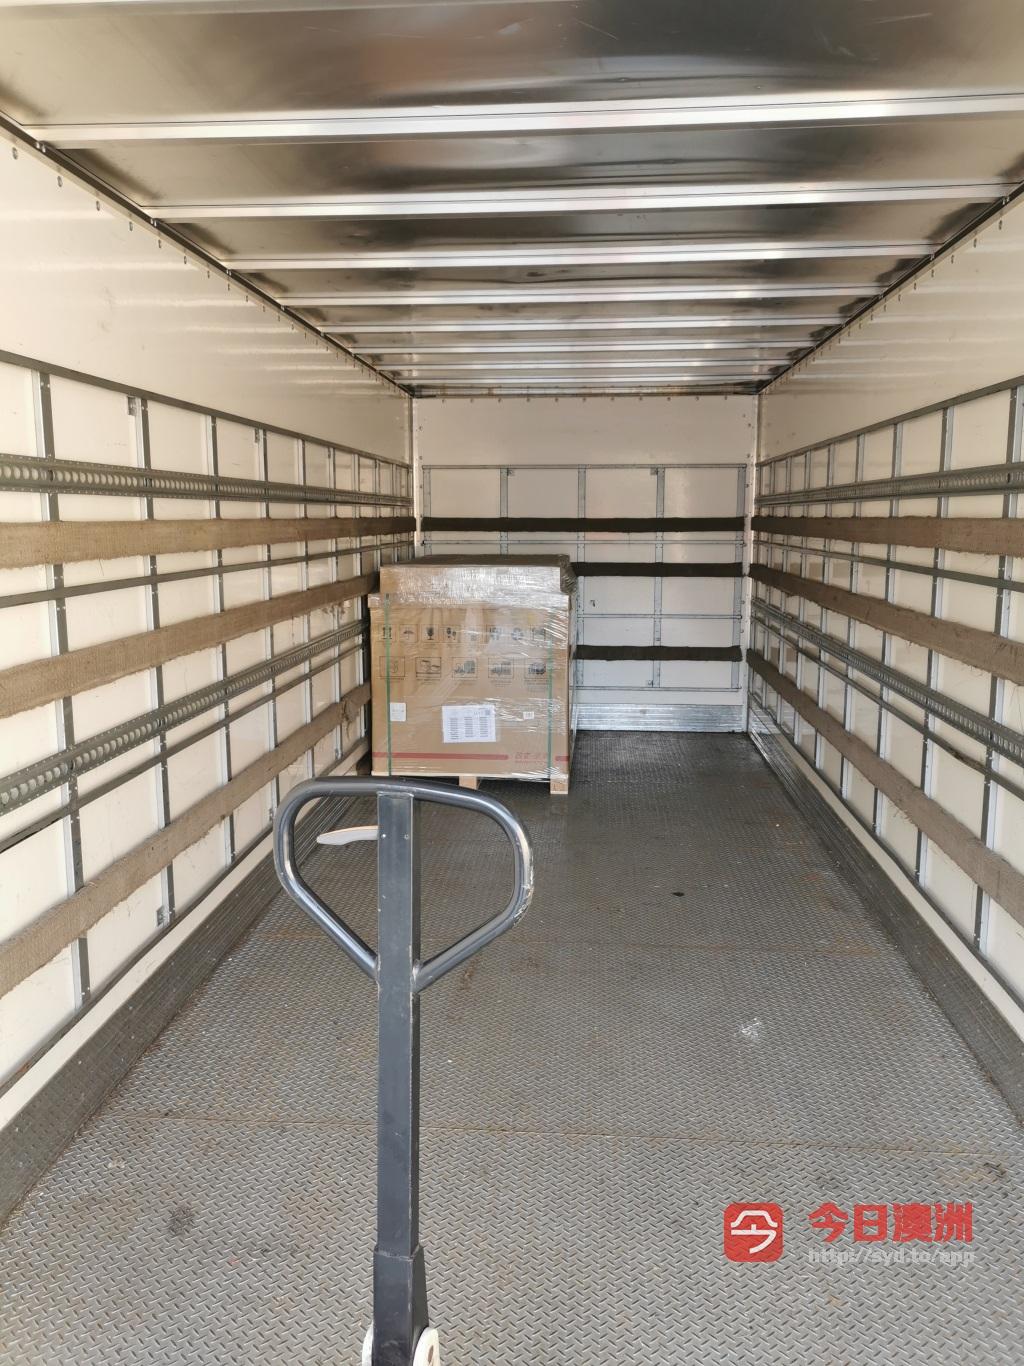 到乐搬家 集装箱清关运输 租房退房  宜家IKEA提货安装服务